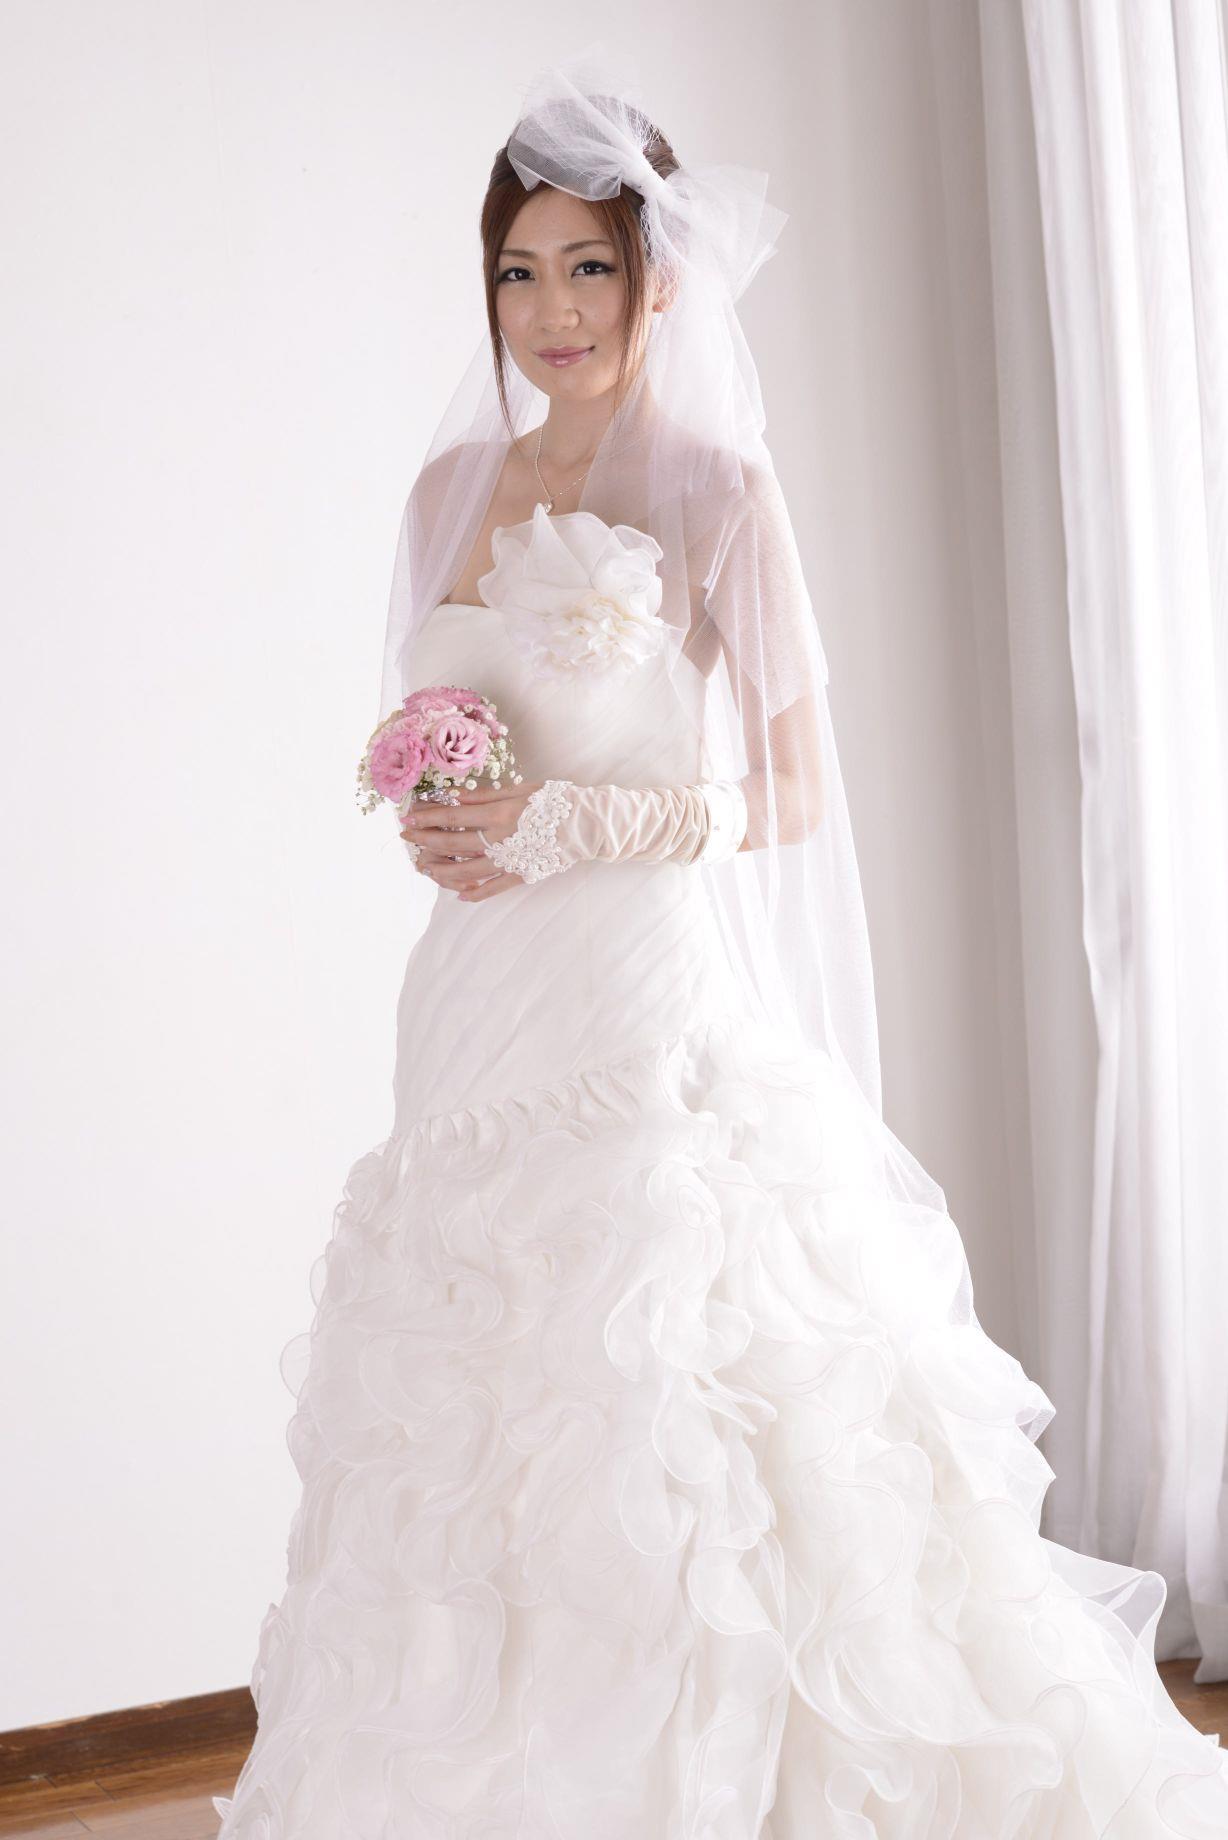 前田かおり ウェディングドレス画像 20